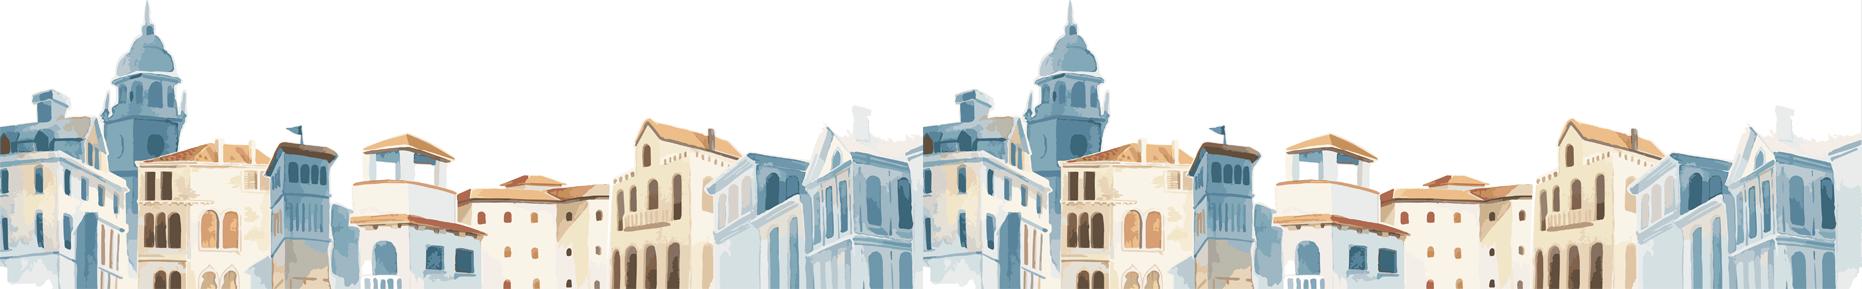 フランス都市・イラスト